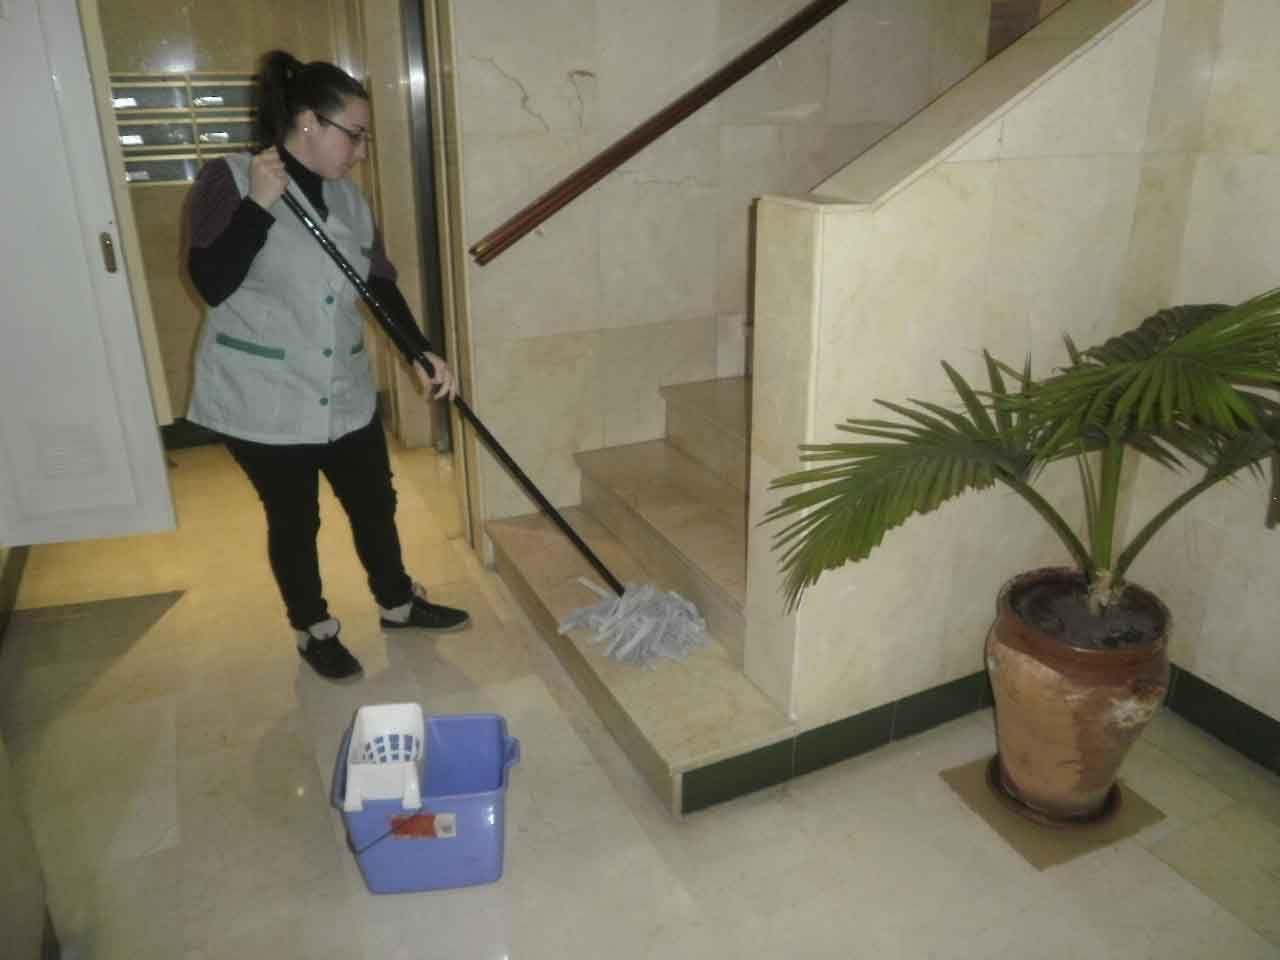 Limpieza de comunidades en granada limpiezas valverde for Limpieza de comunidades en granada